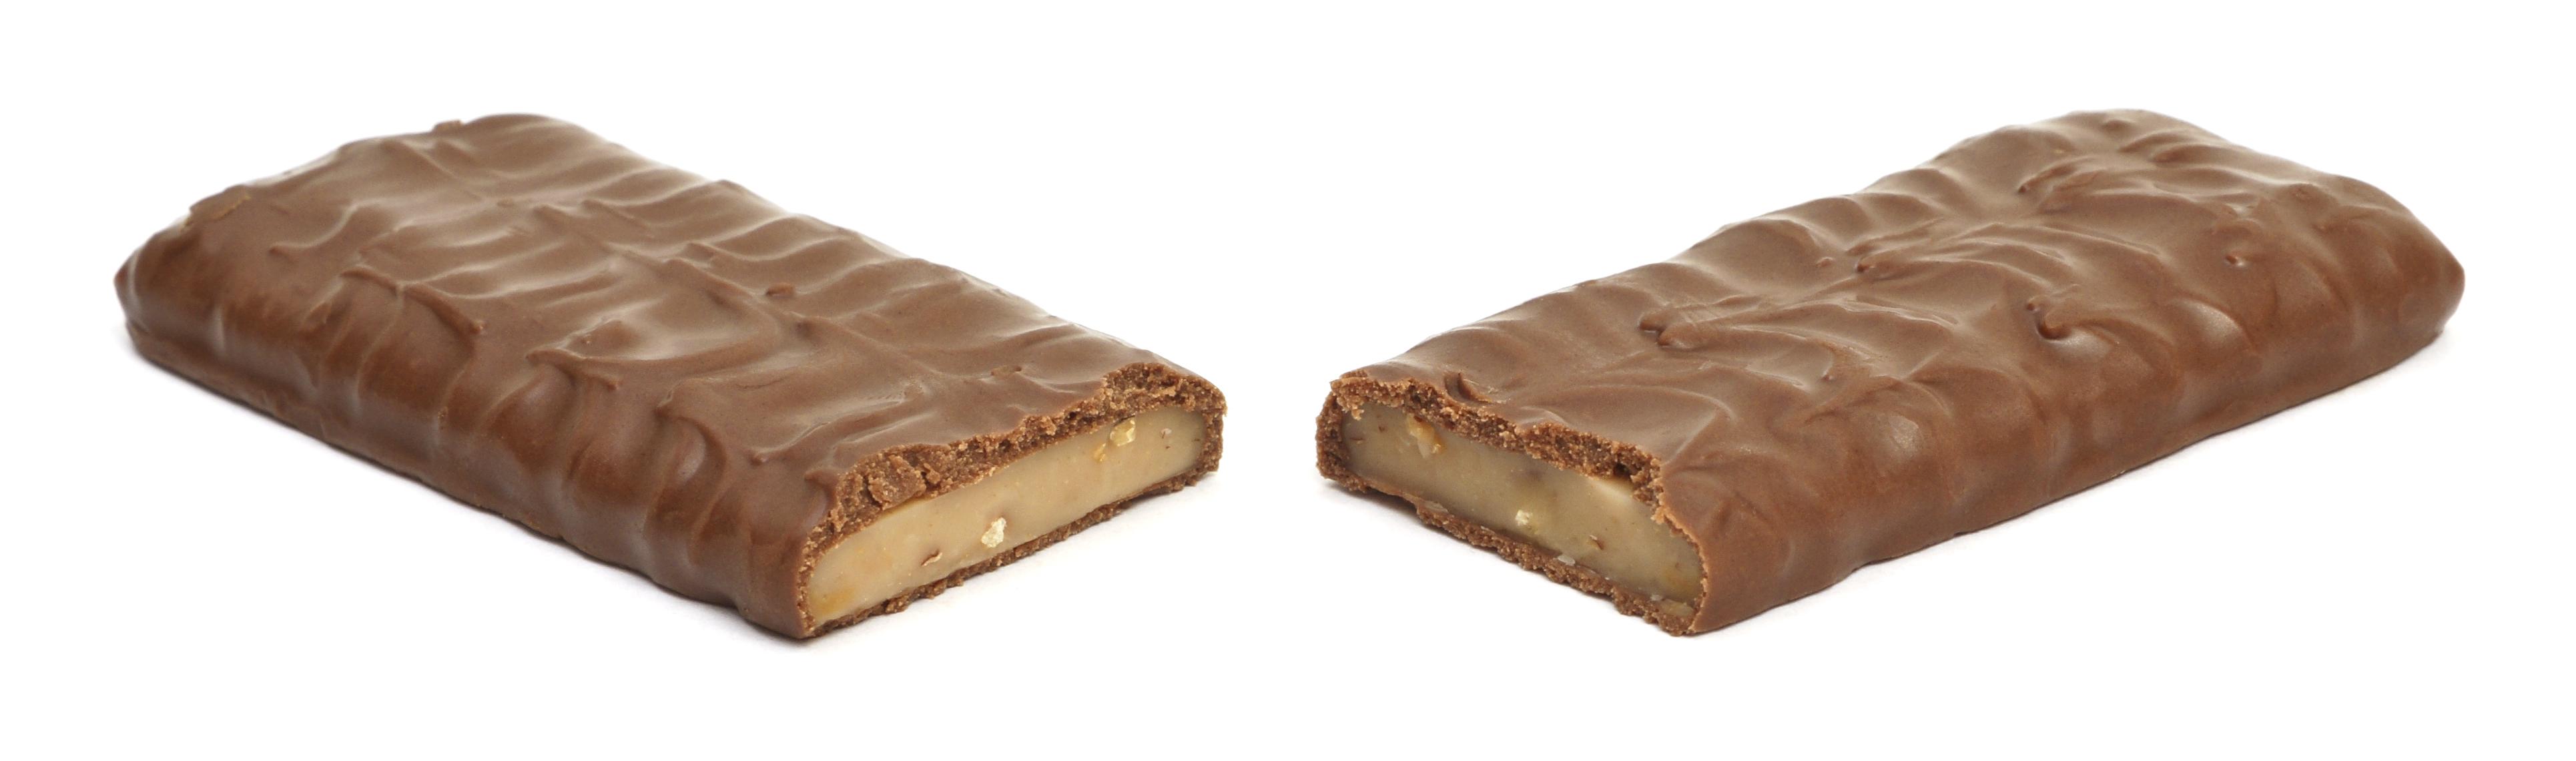 Skor Chocolate Bar Dessert